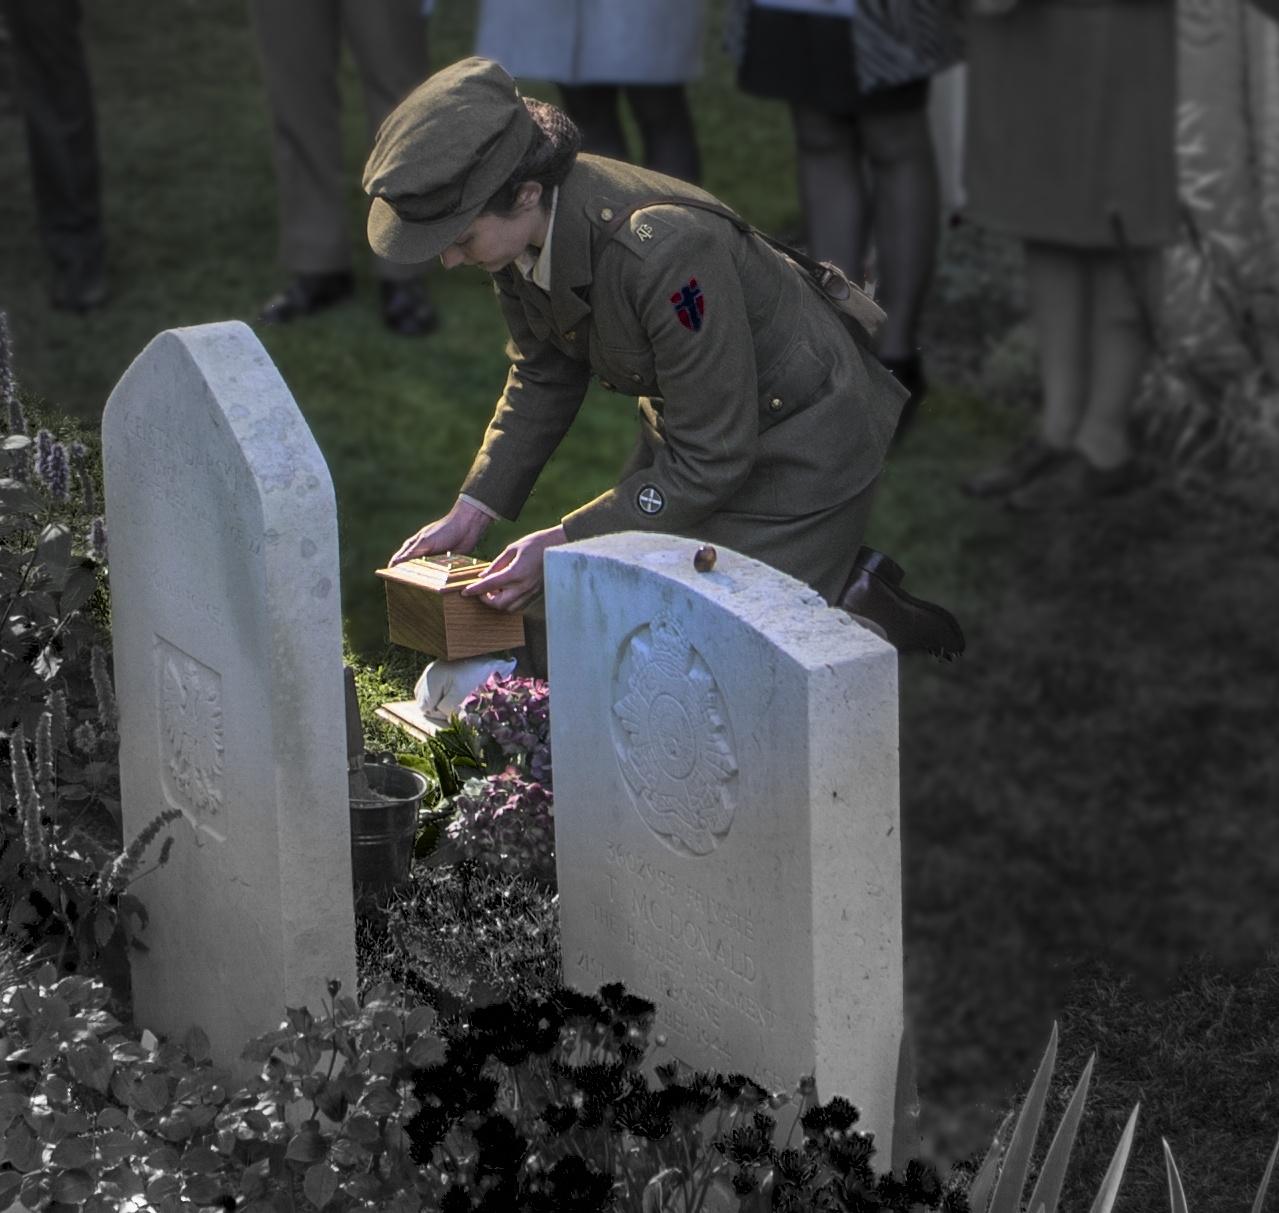 kistje met as wordt geplaatst achter het graf van lance corporal thomas bryson.